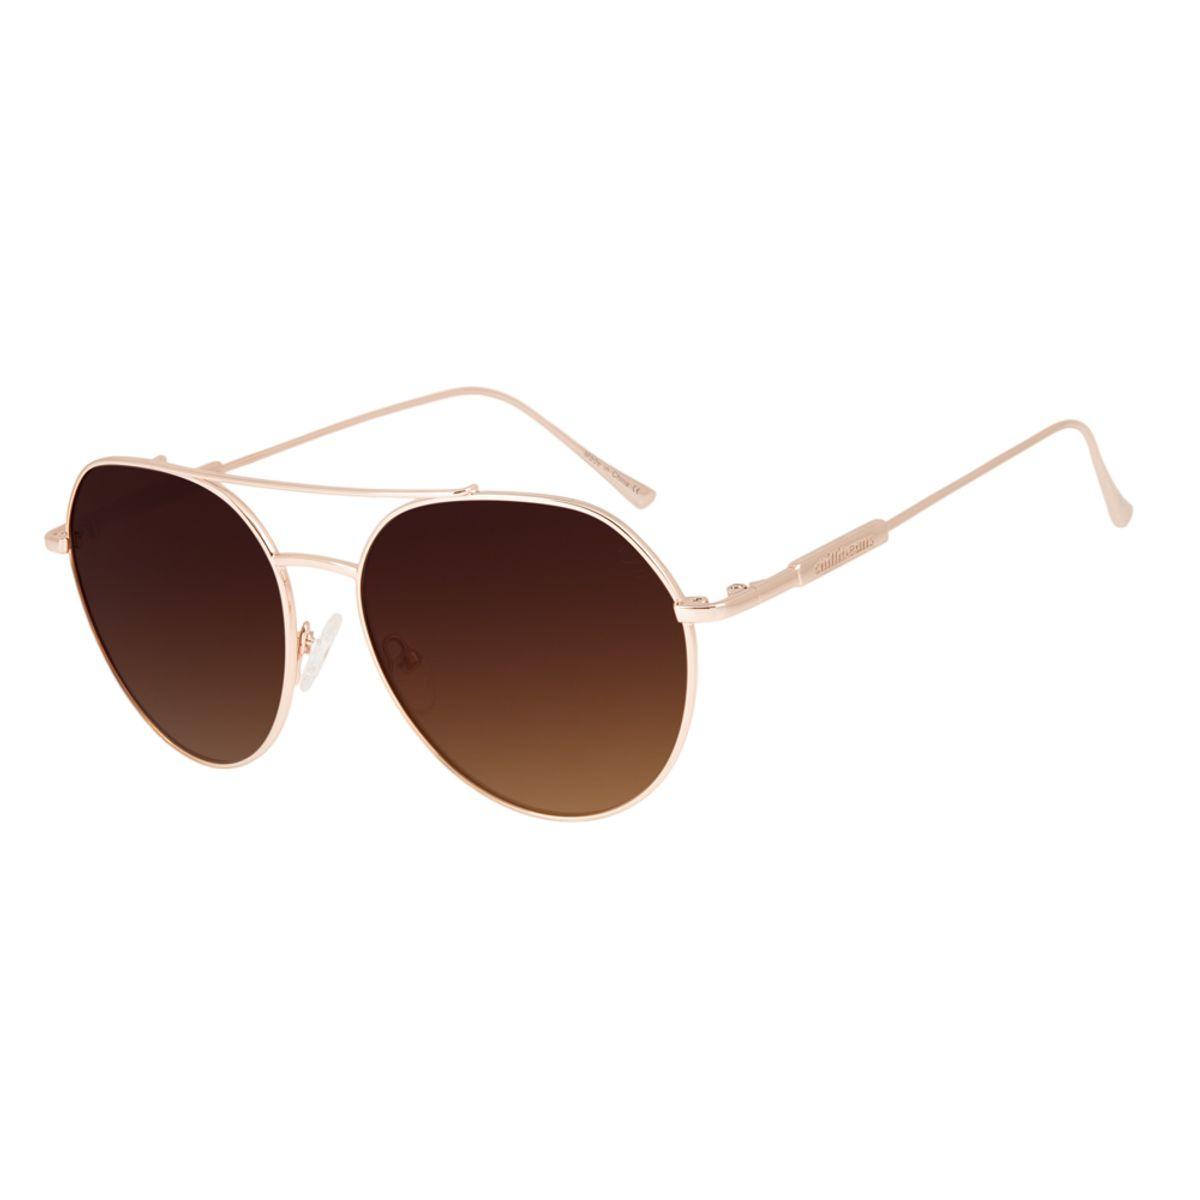 f0e8bb3d7 Óculos de Sol Chilli Beans Aviador Lady Like Banhado a Ouro Rosé ...